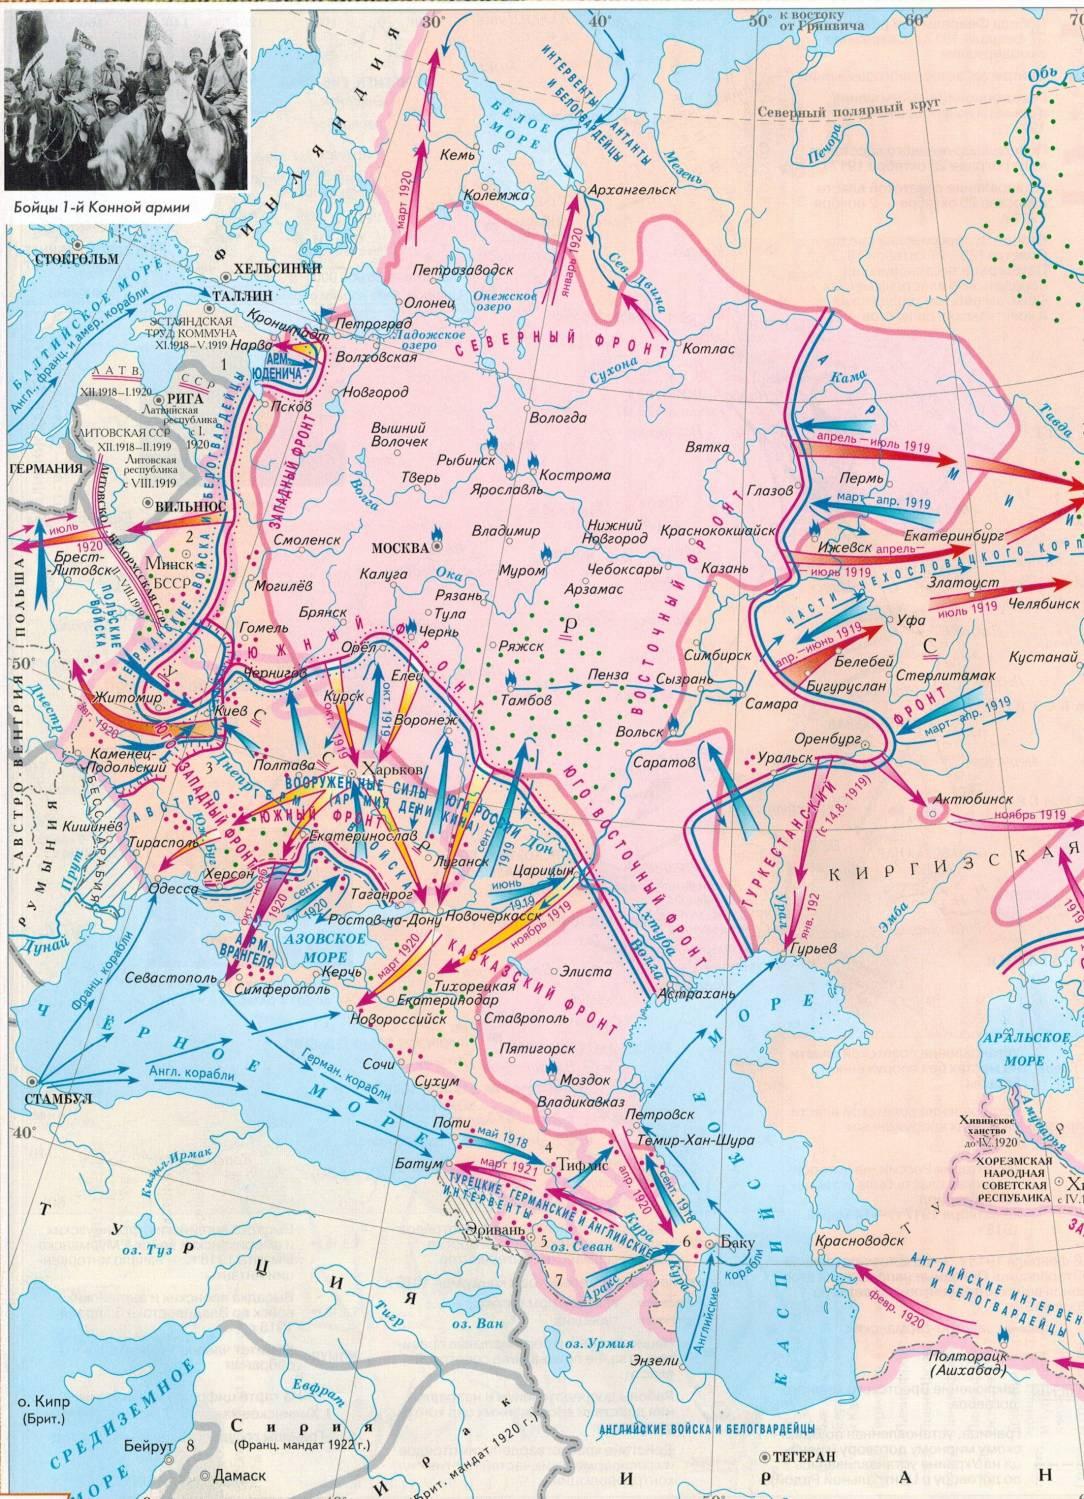 Тамбовское восстание 19181922 гг под руководством